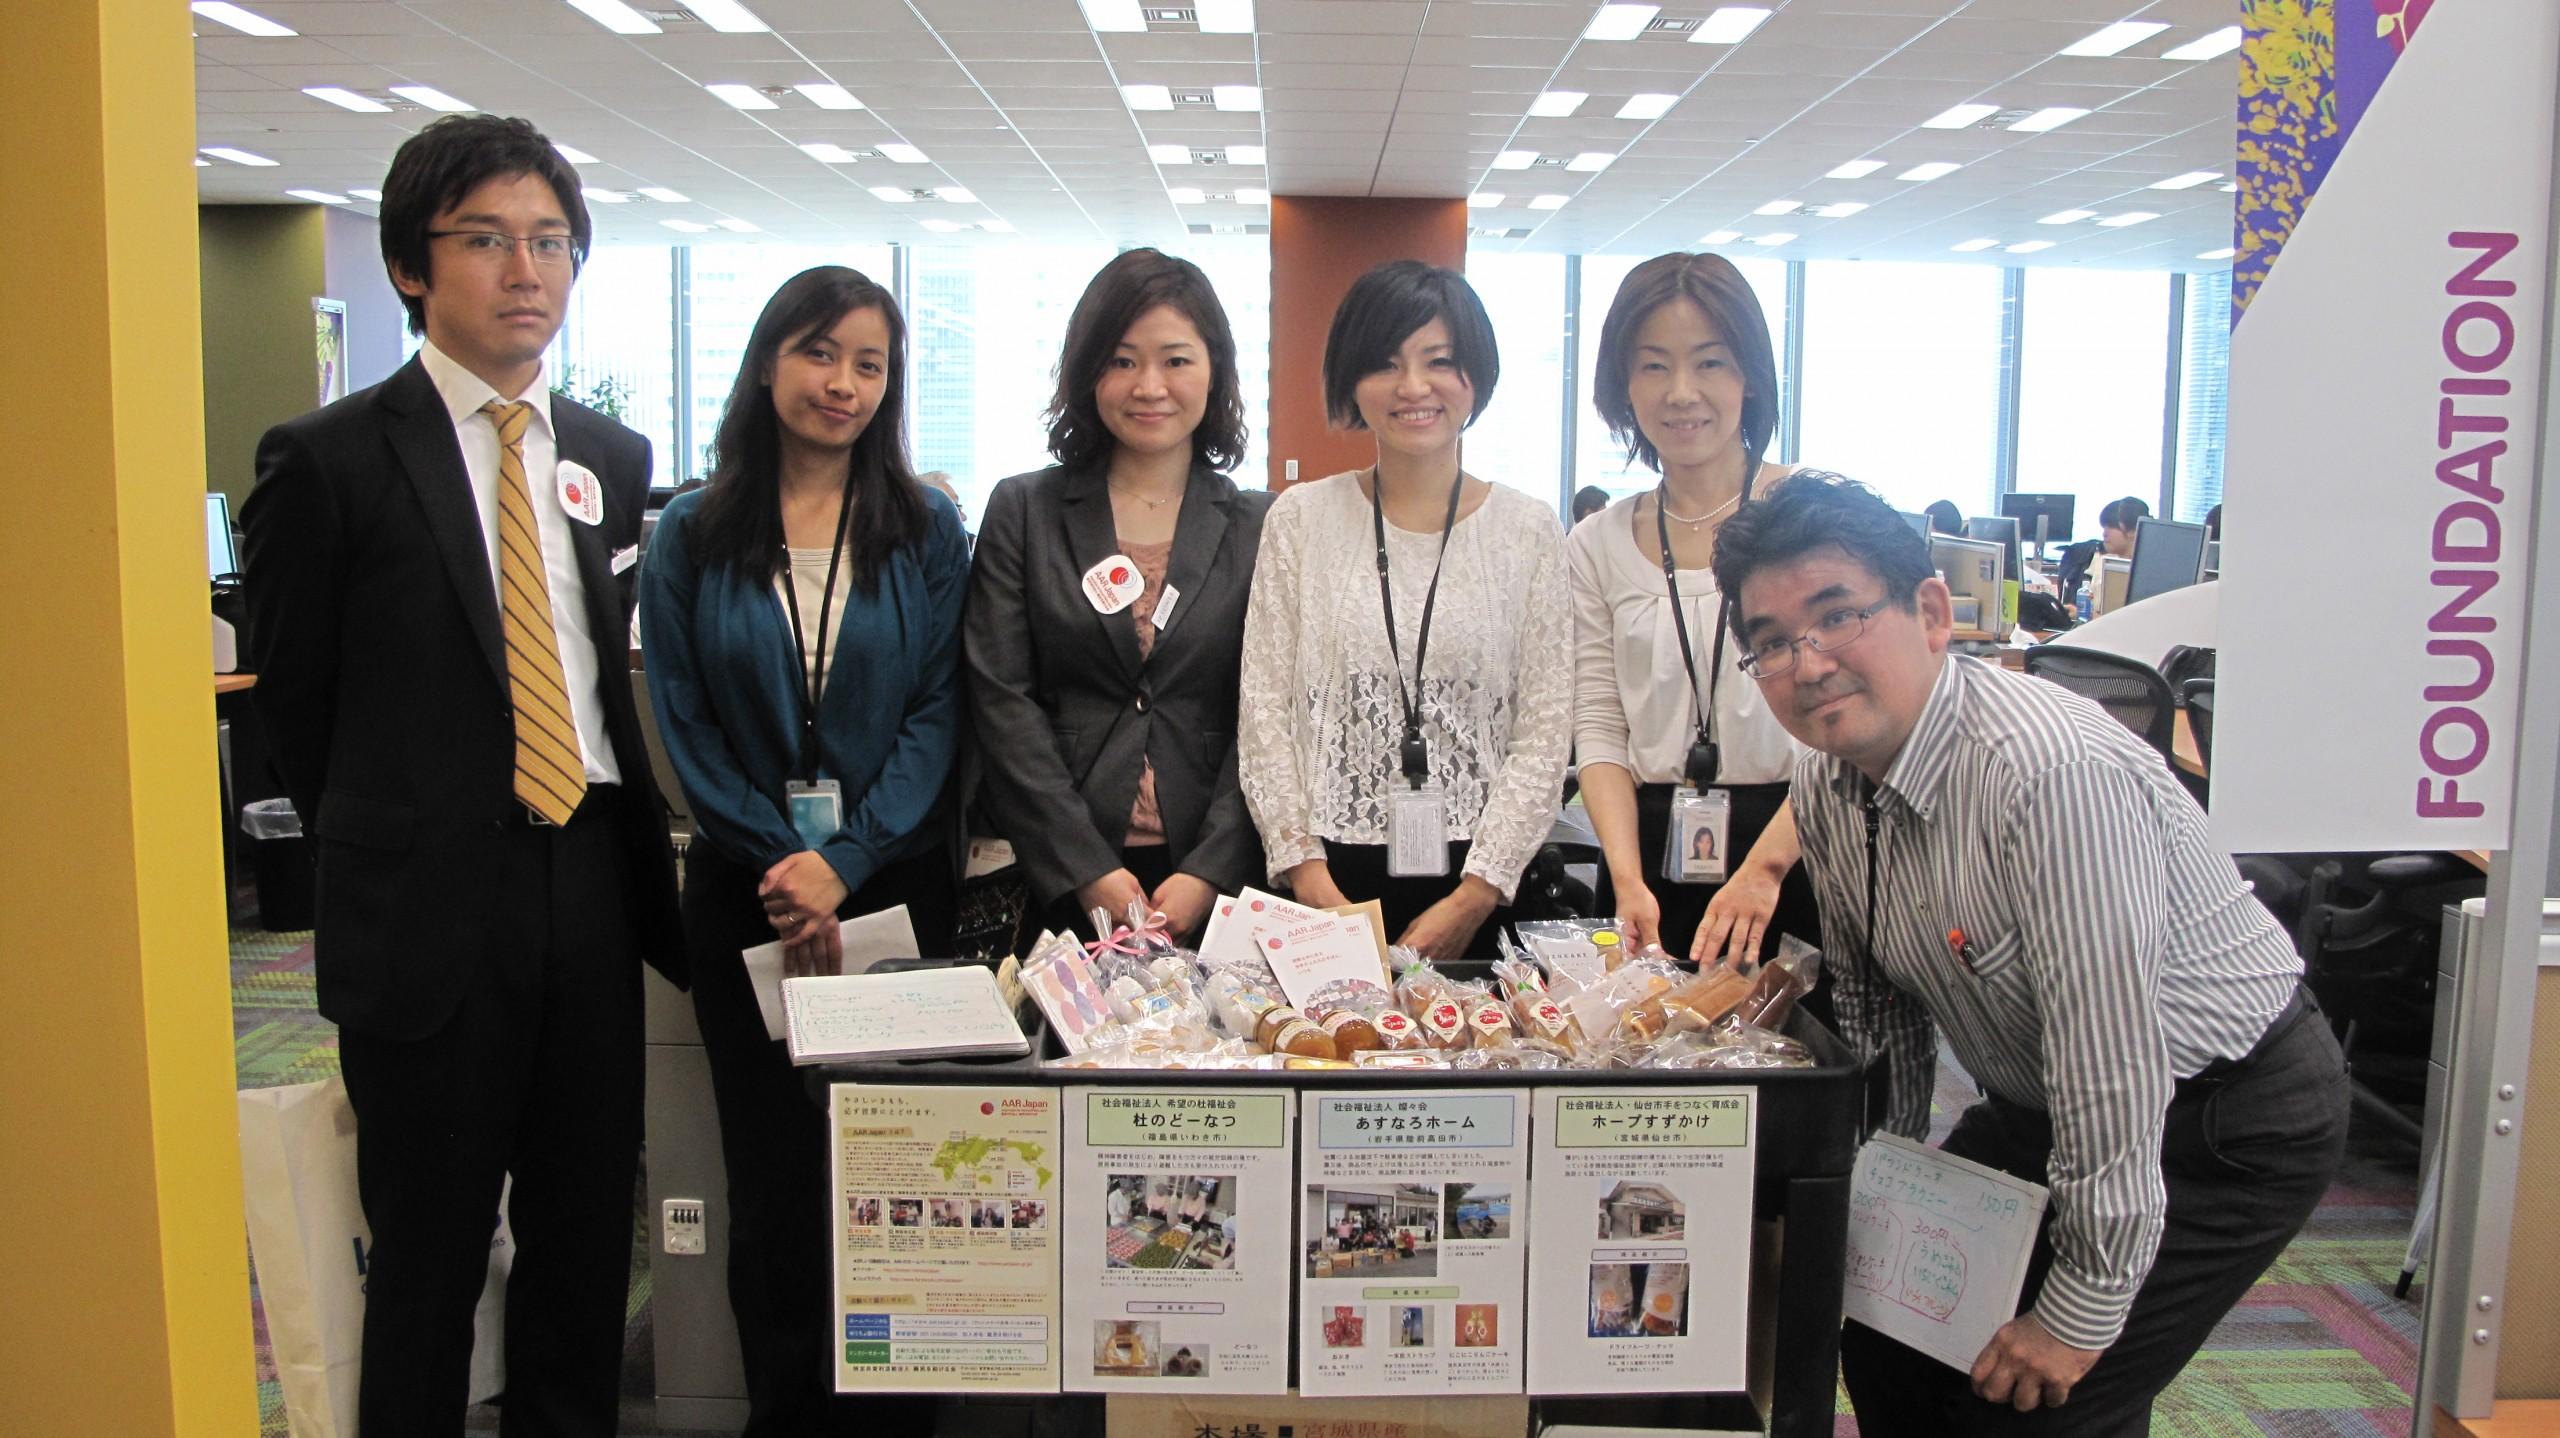 Treat selling volunteering - salesforce Japan